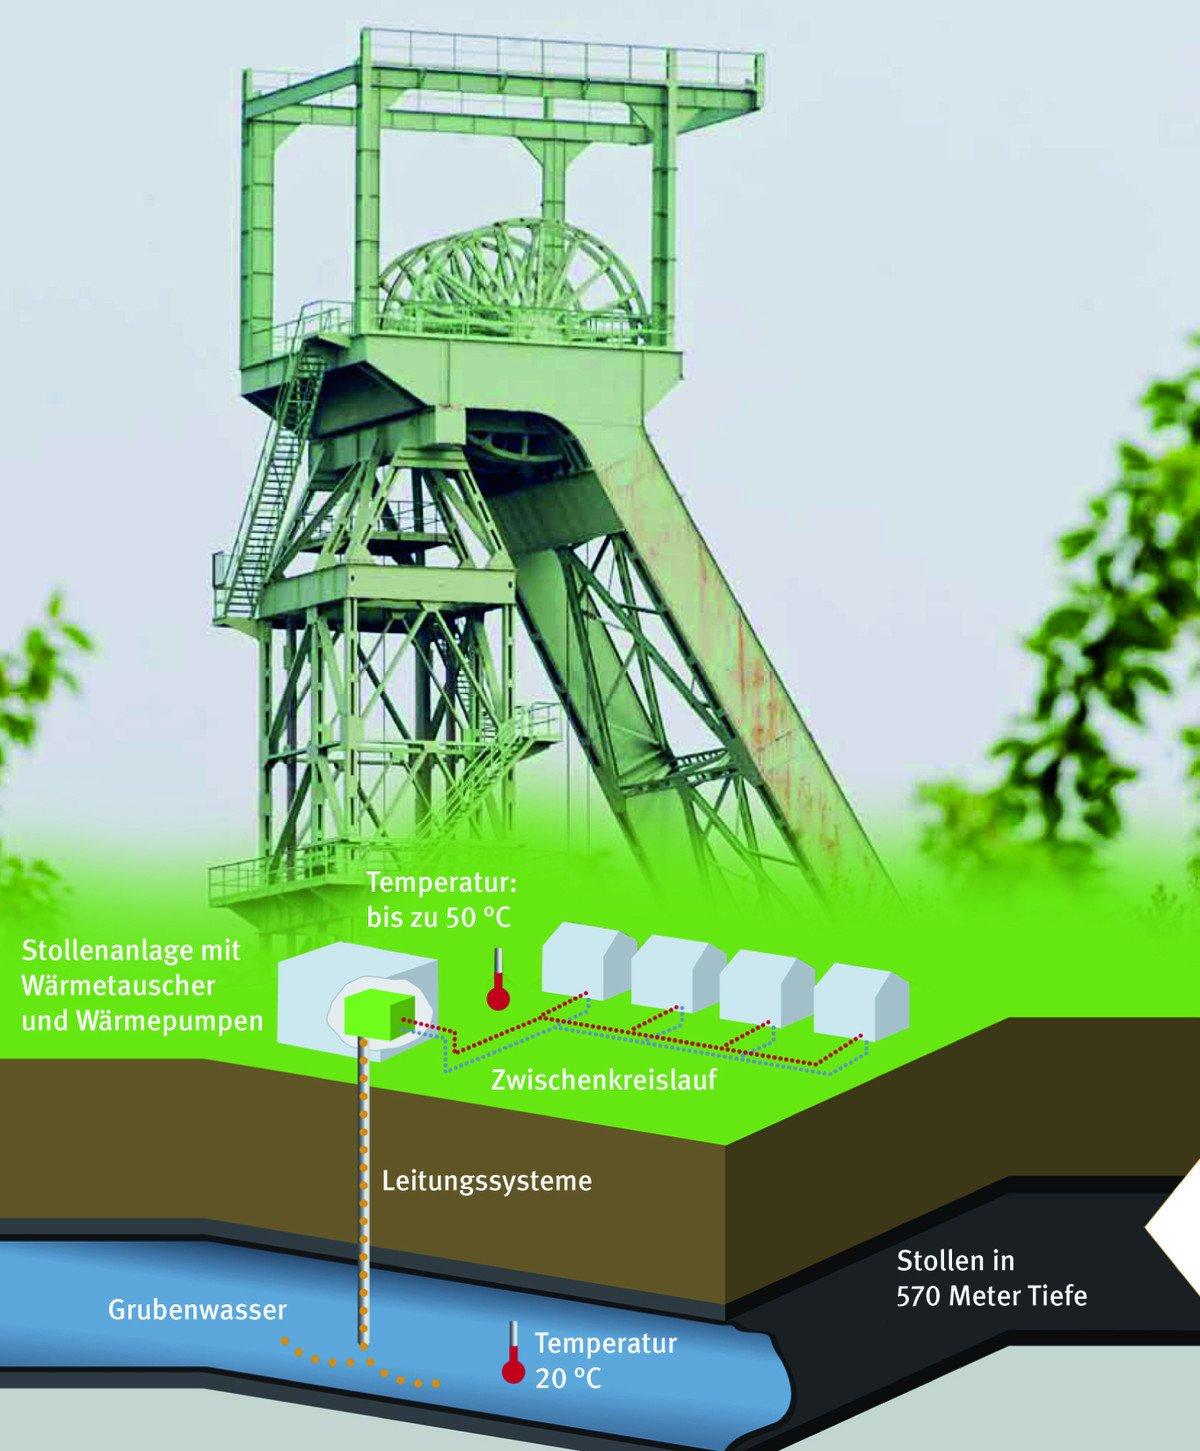 Das Schema zeigt den Aufbau der Anlage zur Wärmenutzung des Grubenwassers. Zum Einsatz kommen zwei geschlossene Wasserkreisläufe mit dazwischenliegenden Plattenwärmeübertragern.